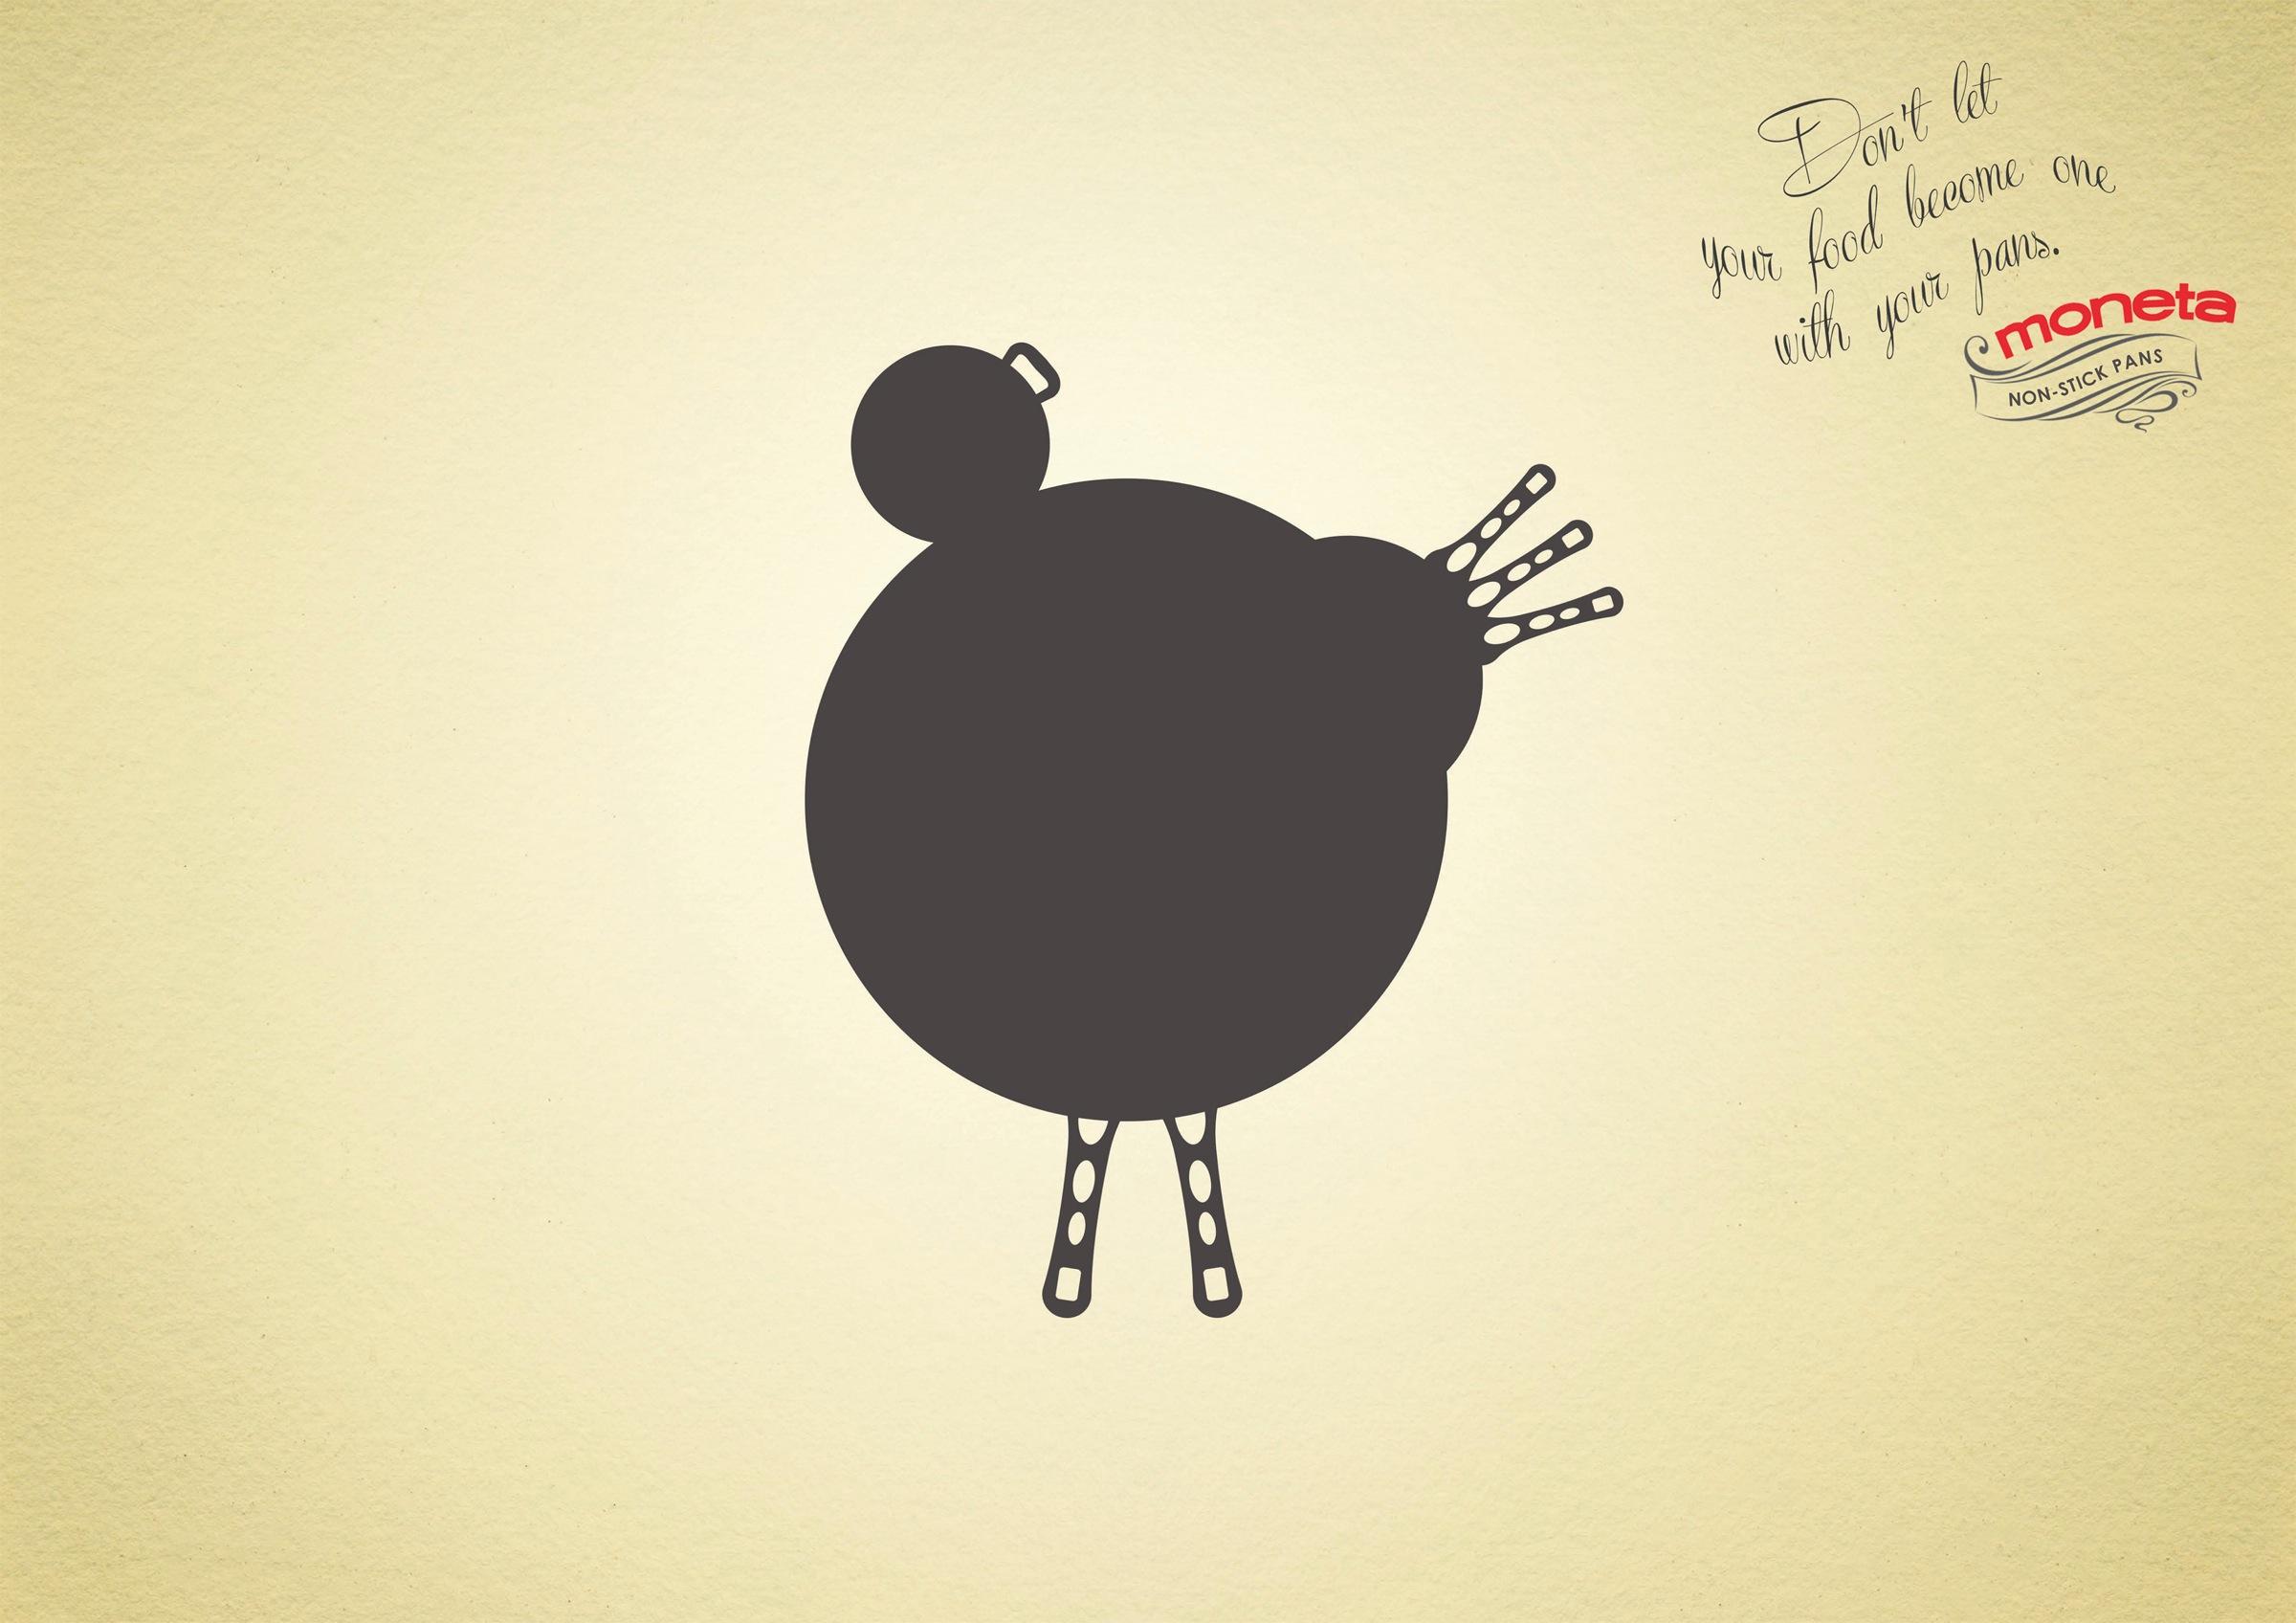 moneta print advert  yr chicken ads   world